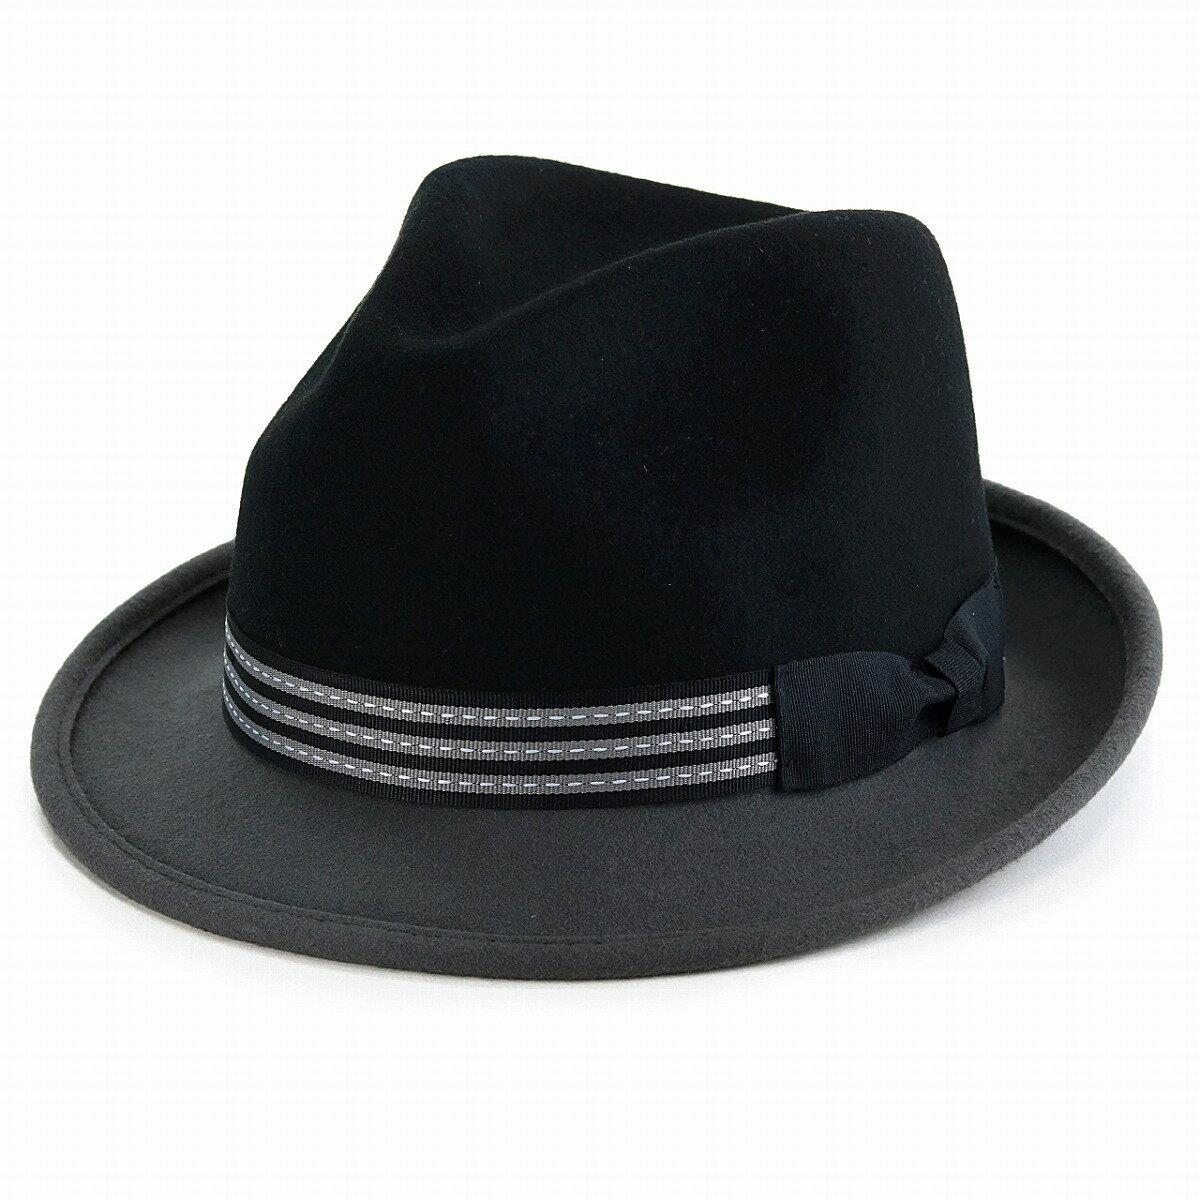 フェルトハット メンズ LTC KennyK 中折れ 帽子 秋冬 ハット 2トーン フェドラ ウール100% ソフトハット 中折れハット レディース フェルト帽 リボン シンプル 中折れ帽 紳士 フォーマル おしゃれ 黒 ブラック/グレー [ fedora ] ギフト プレゼント